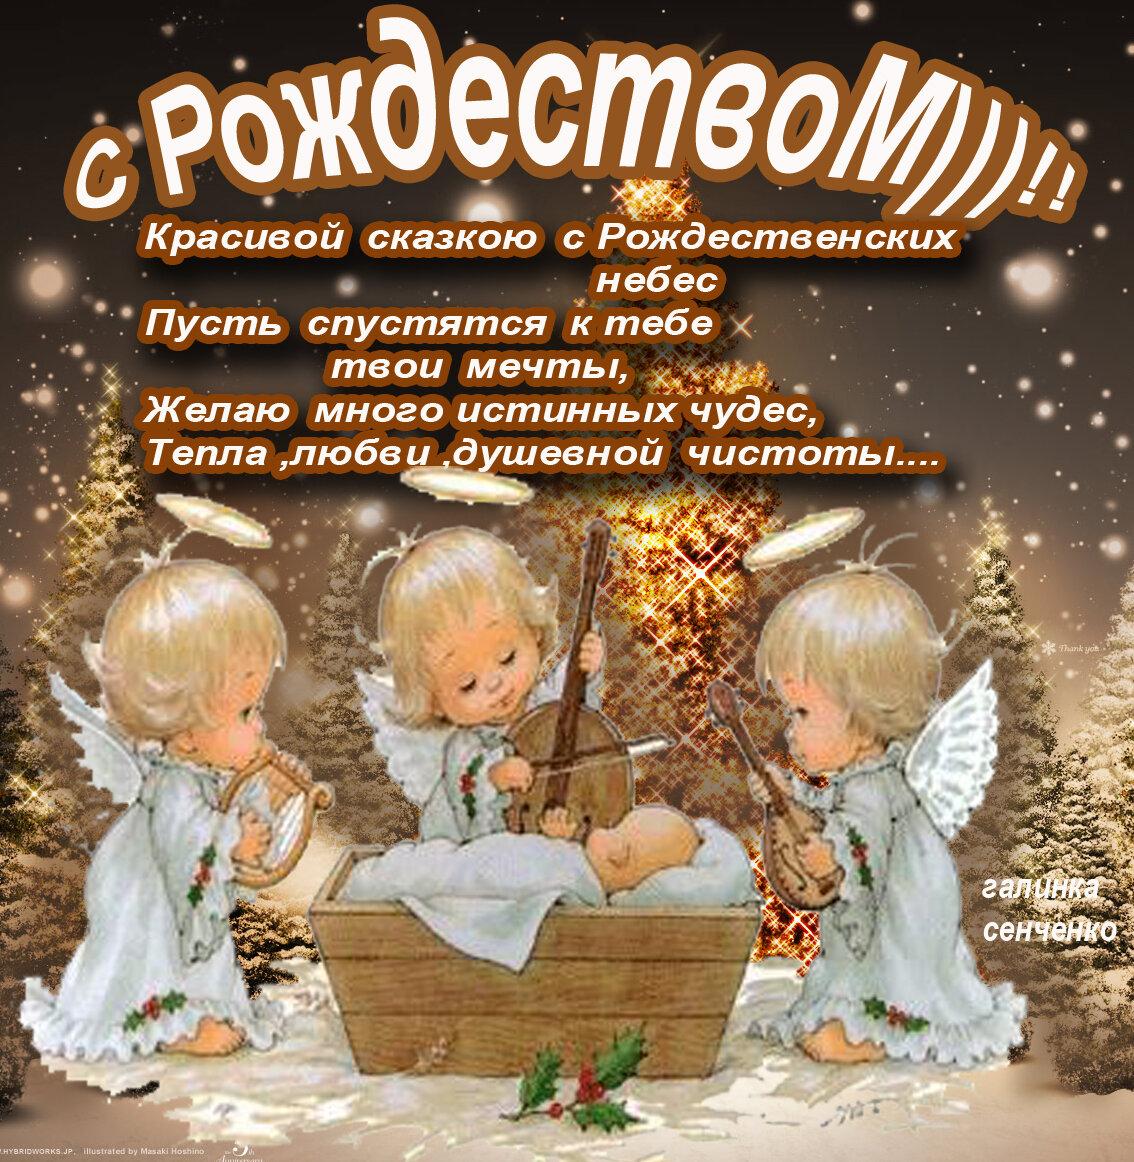 Рождественские поздравления краткие